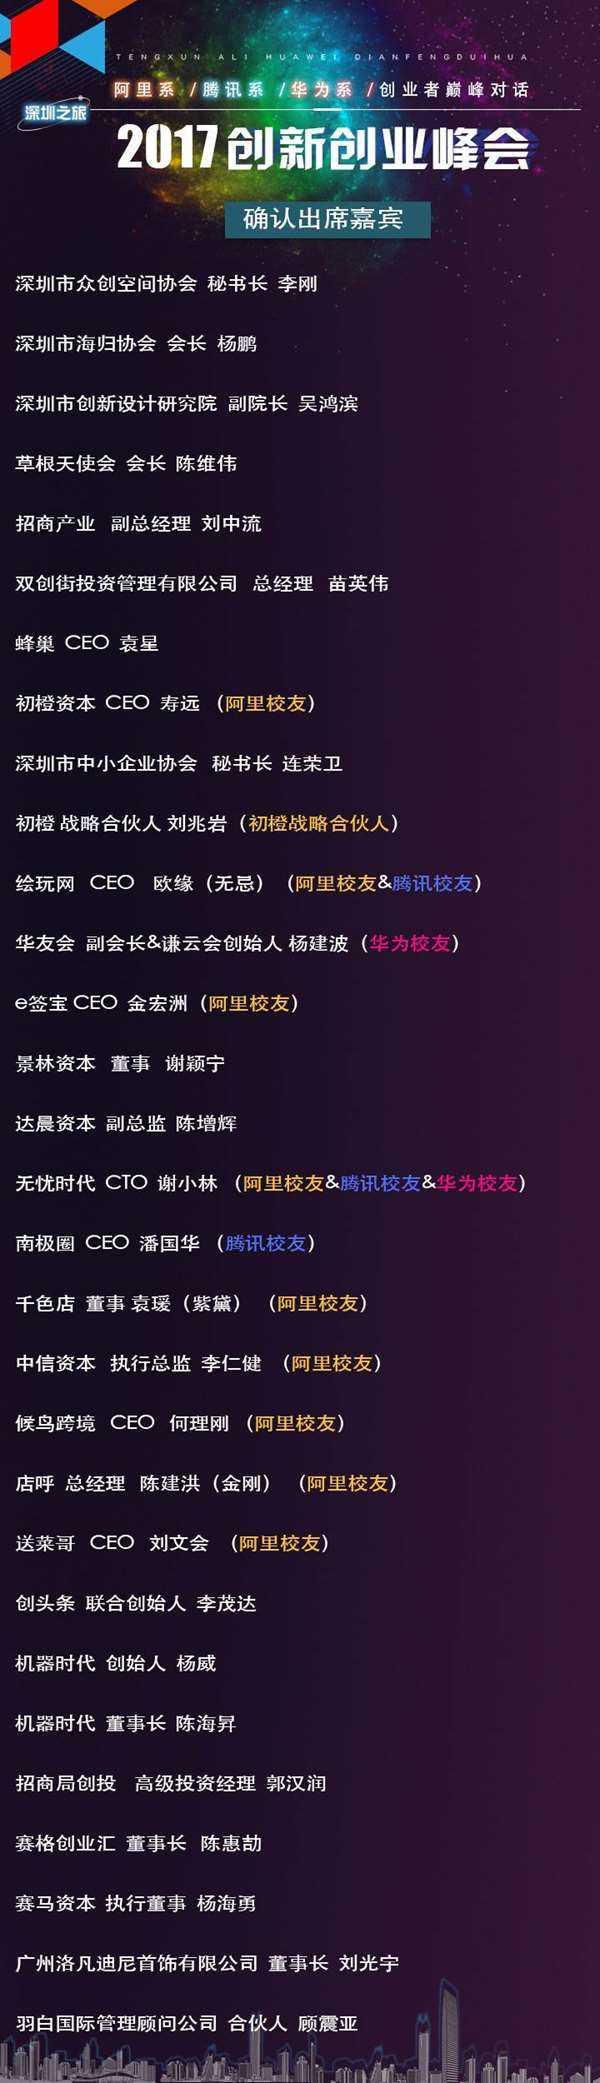 深圳内容2.jpg